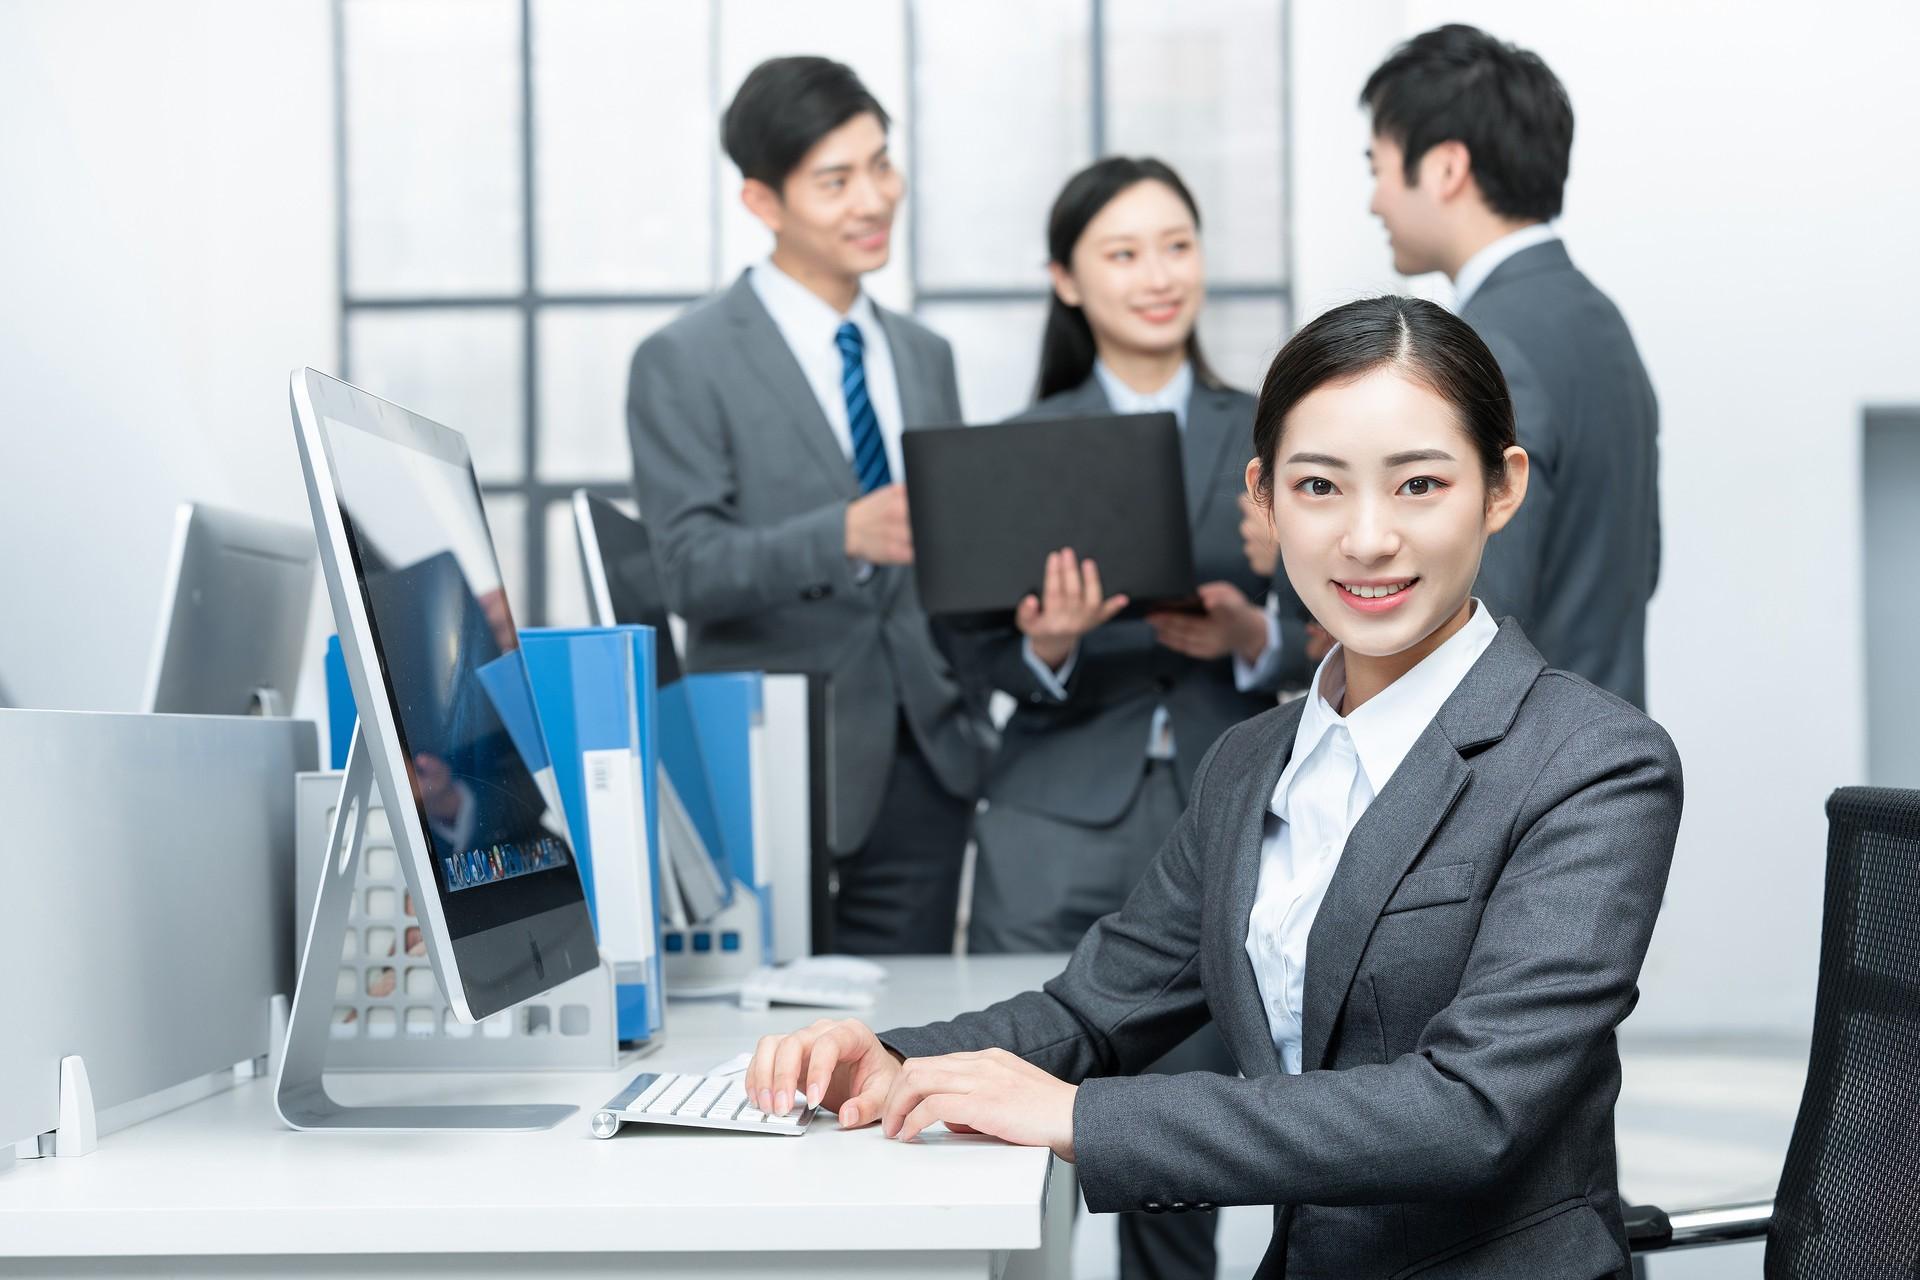 注册深圳集团公司业务流程